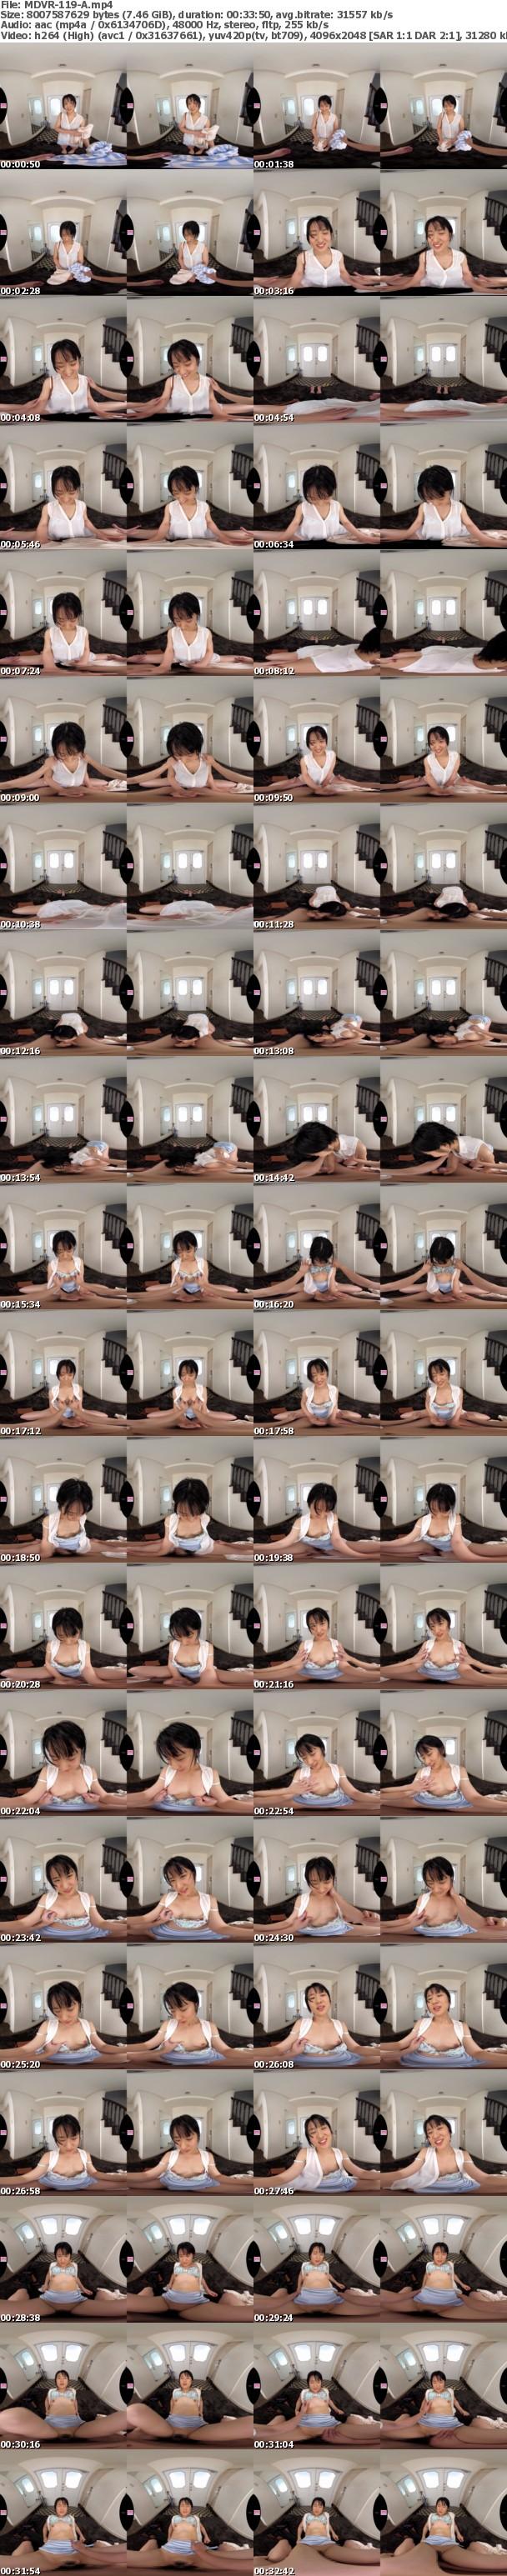 (VR) MDVR-119 弟の恋人がショートカットを濡らして…ボクの家に雨宿りVR 久保凛